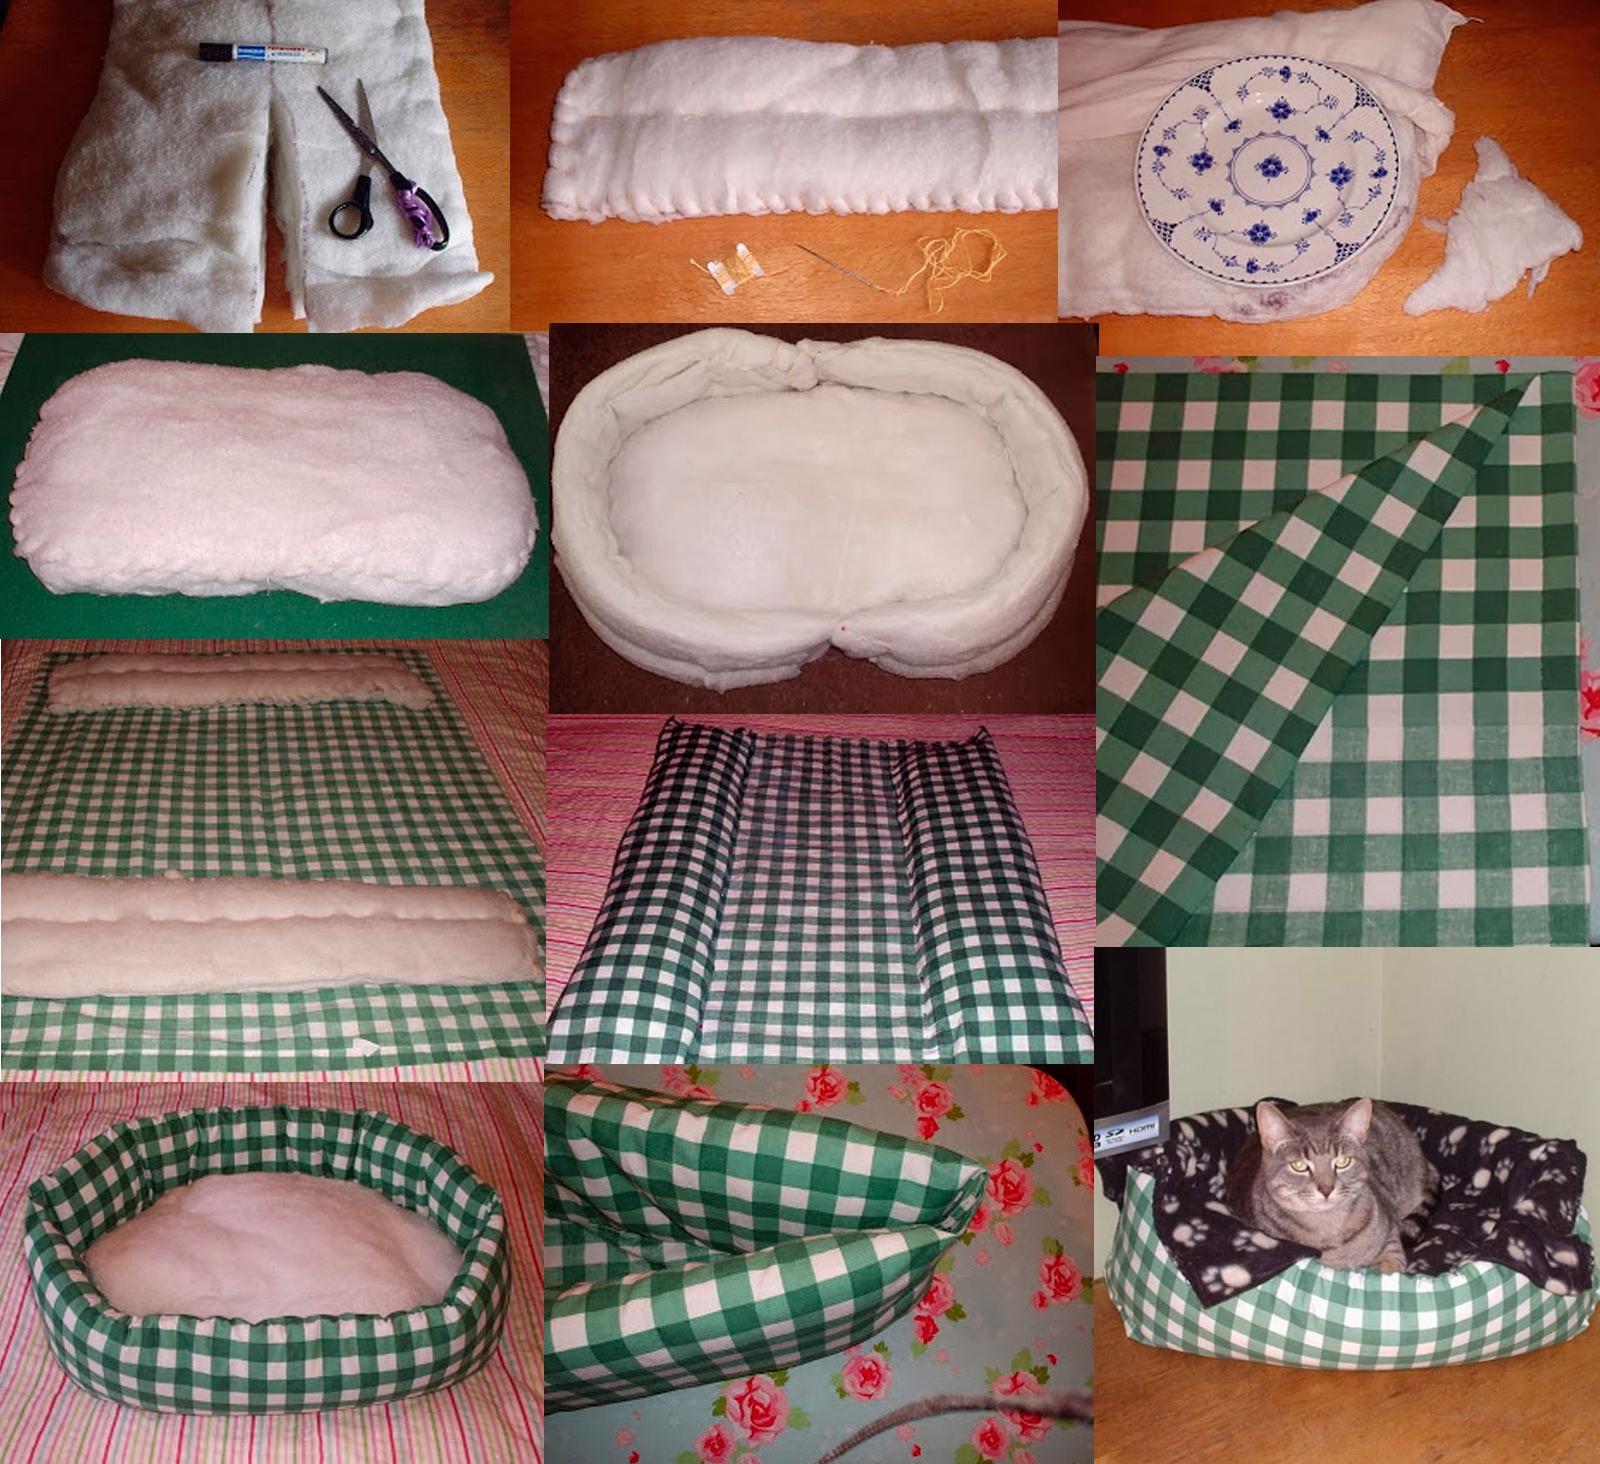 Изготовление мягкой лежанки для кошки из ткани и синтепона с бортиками